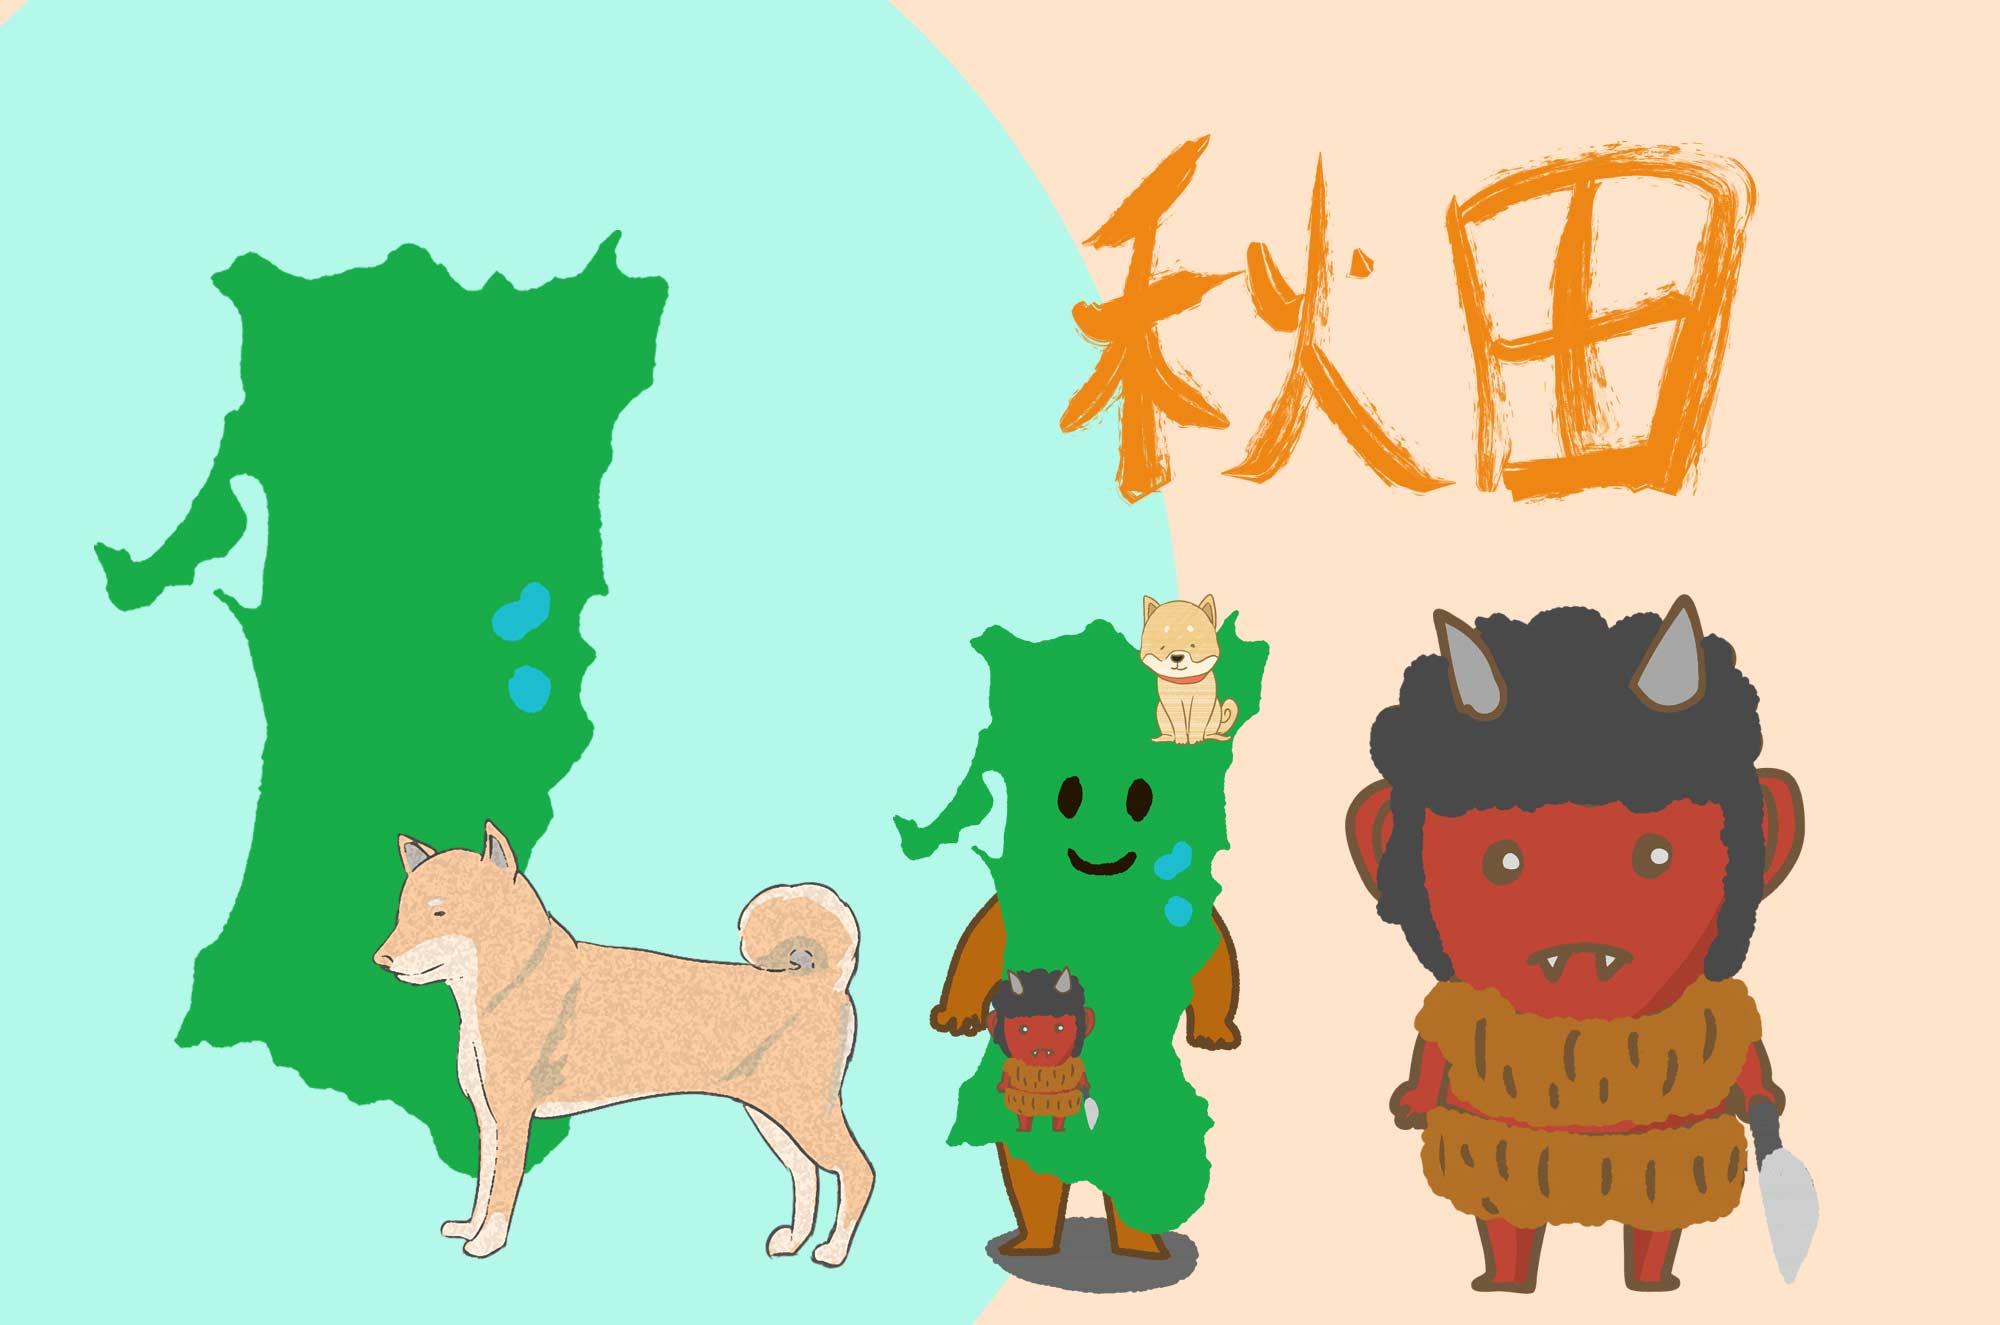 秋田のイラスト - 面白いなまはげと大陸の無料素材